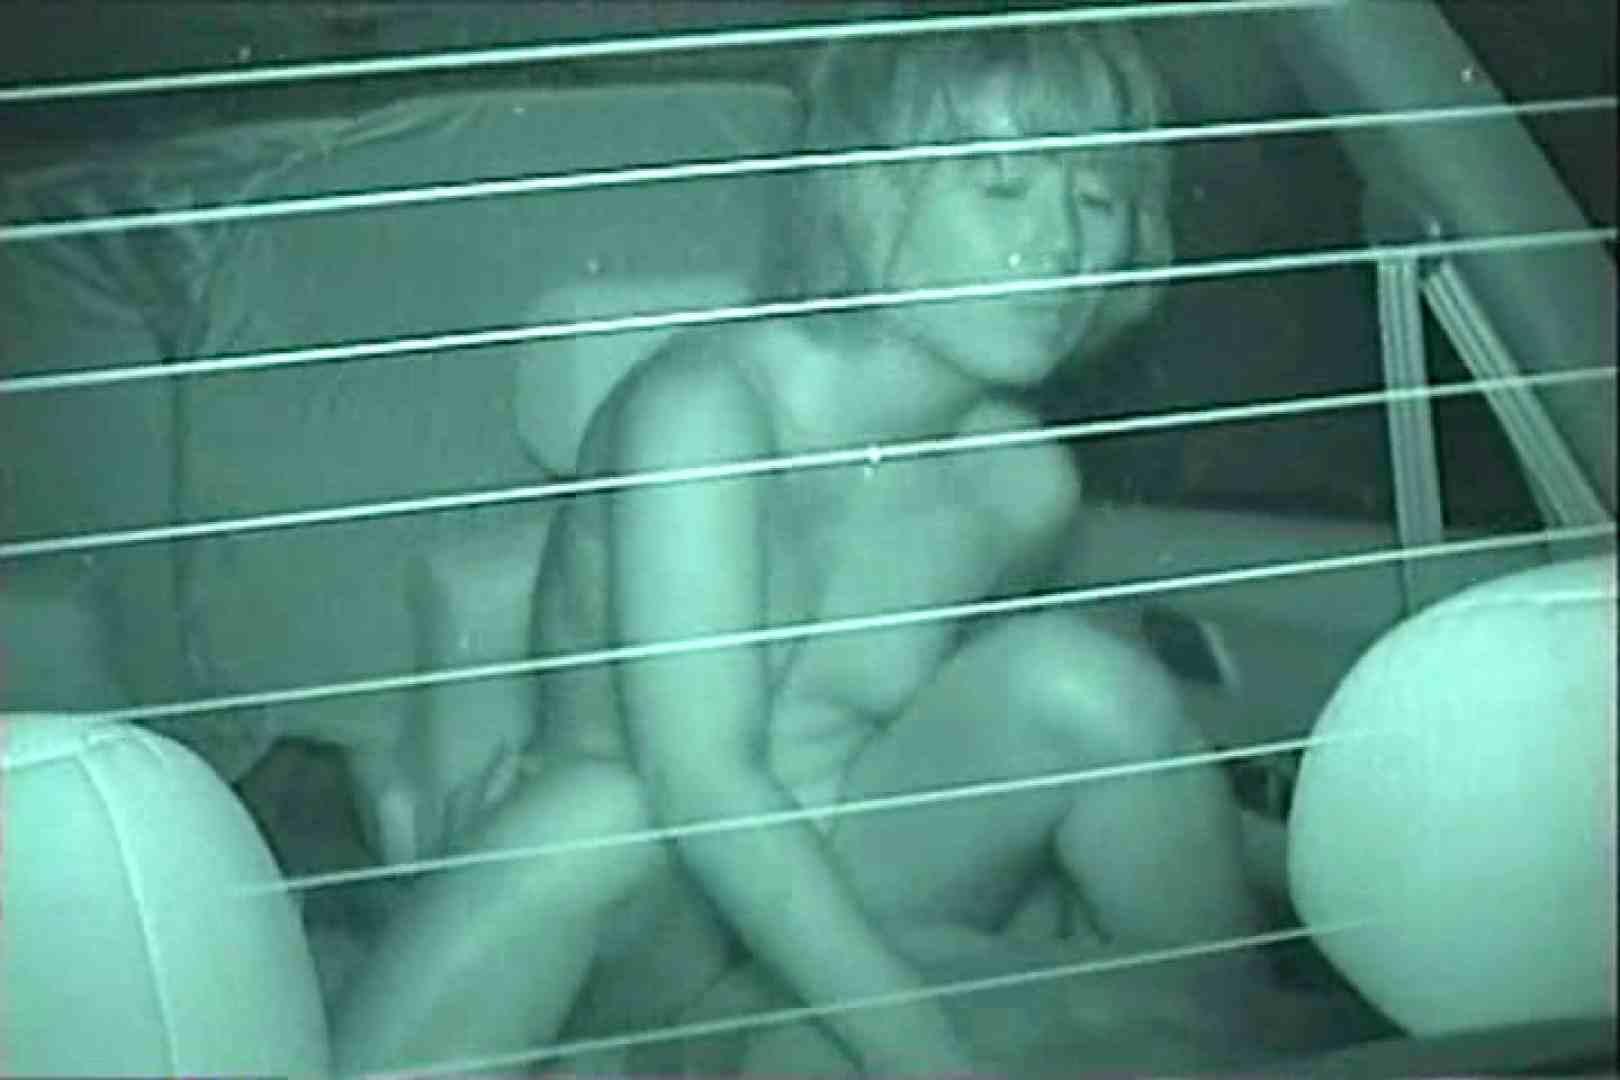 車の中はラブホテル 無修正版  Vol.28 HなOL 盗撮動画紹介 99pic 34